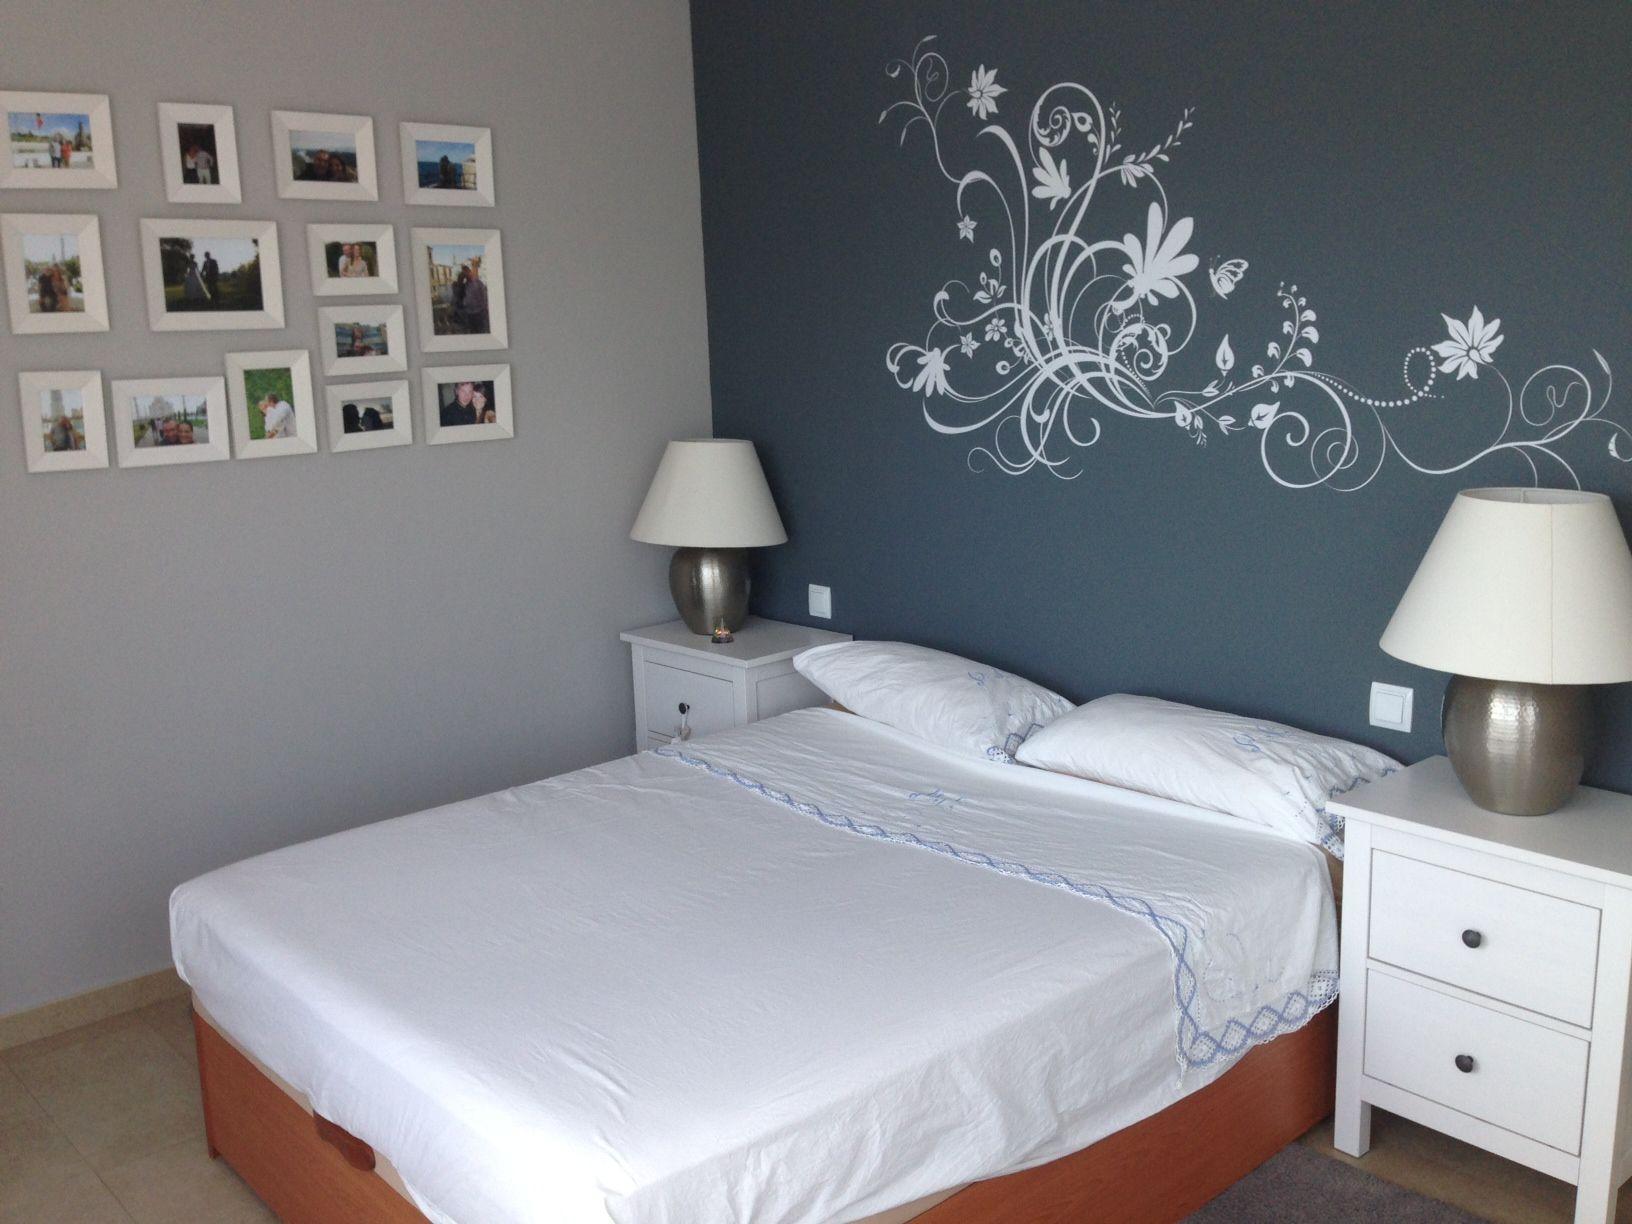 Habitaci n de matrimonio pintado con pentrilo y vinilo de for Vinilo para dormitorio adultos